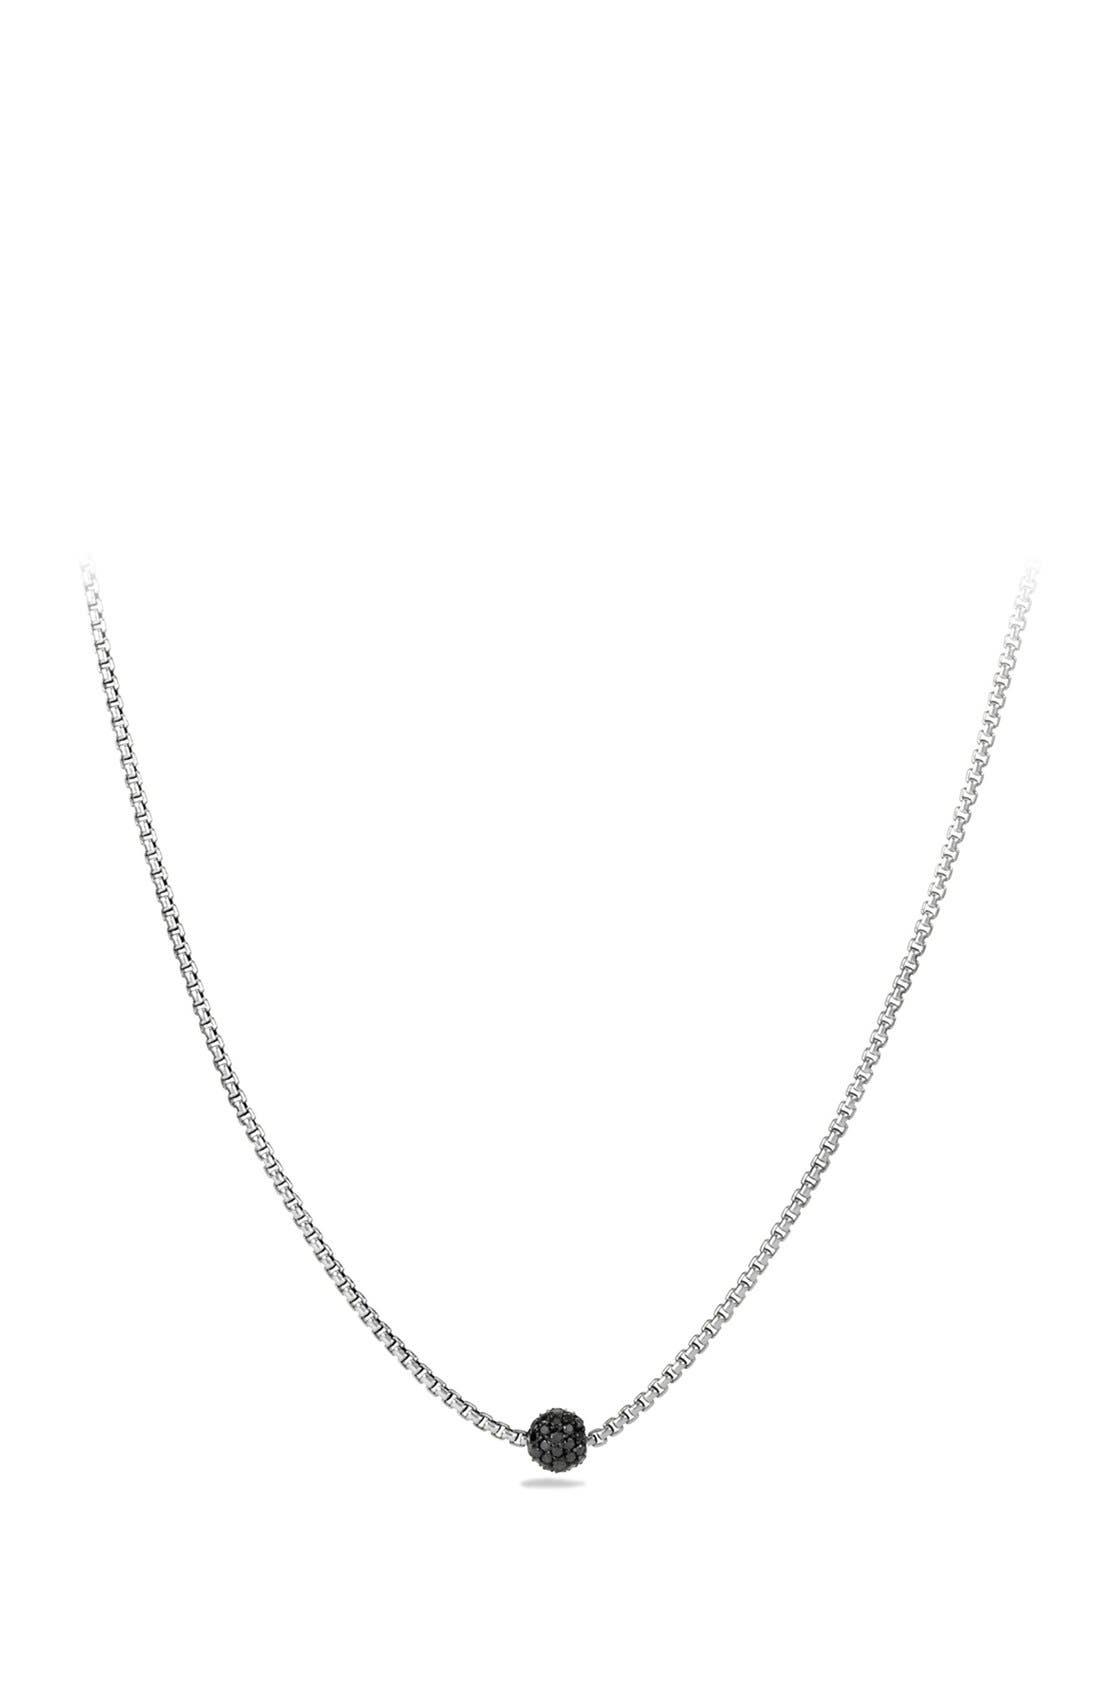 DAVID YURMAN Petite Pavé Necklace with Diamonds